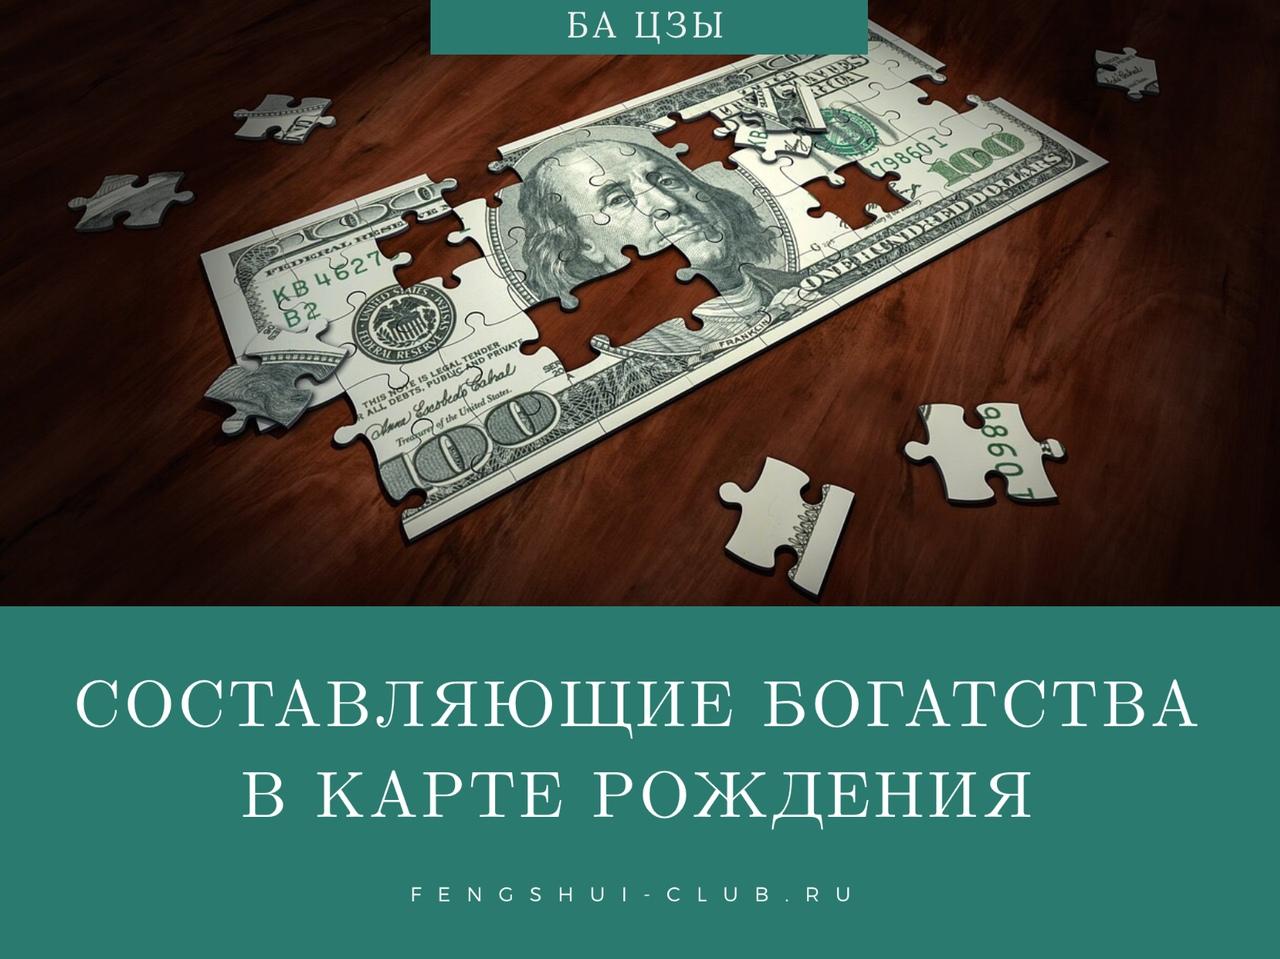 Priznaki Bogatstva V Ba Czy Vkontakte